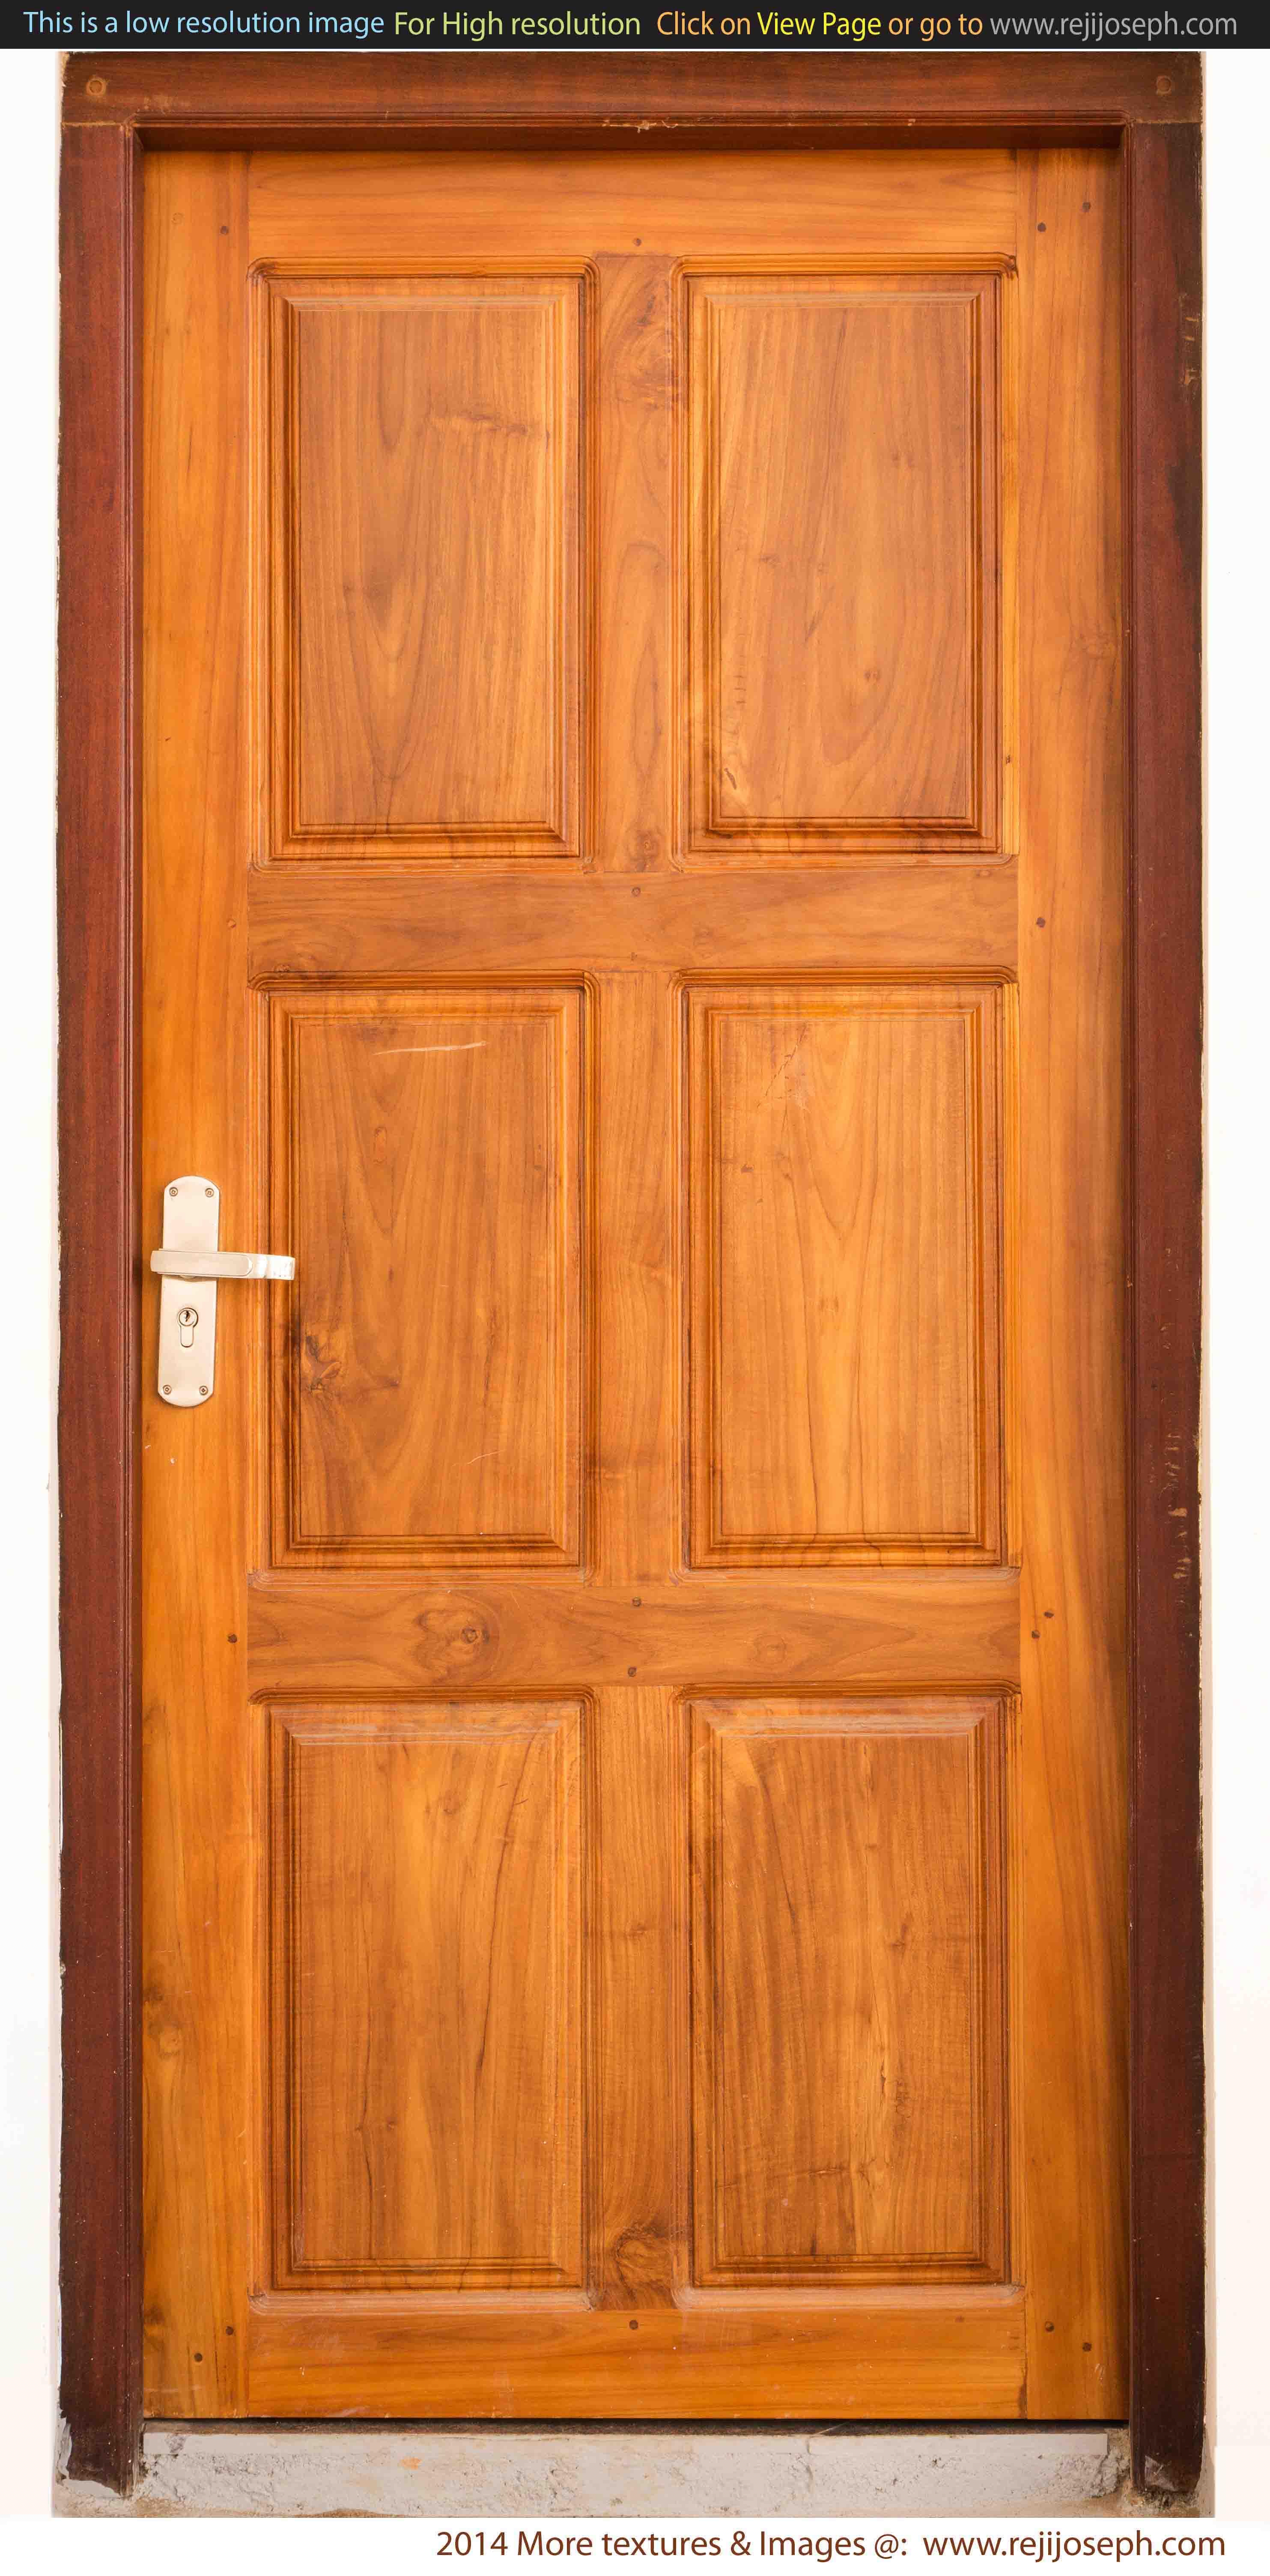 Wooden door texture 00001